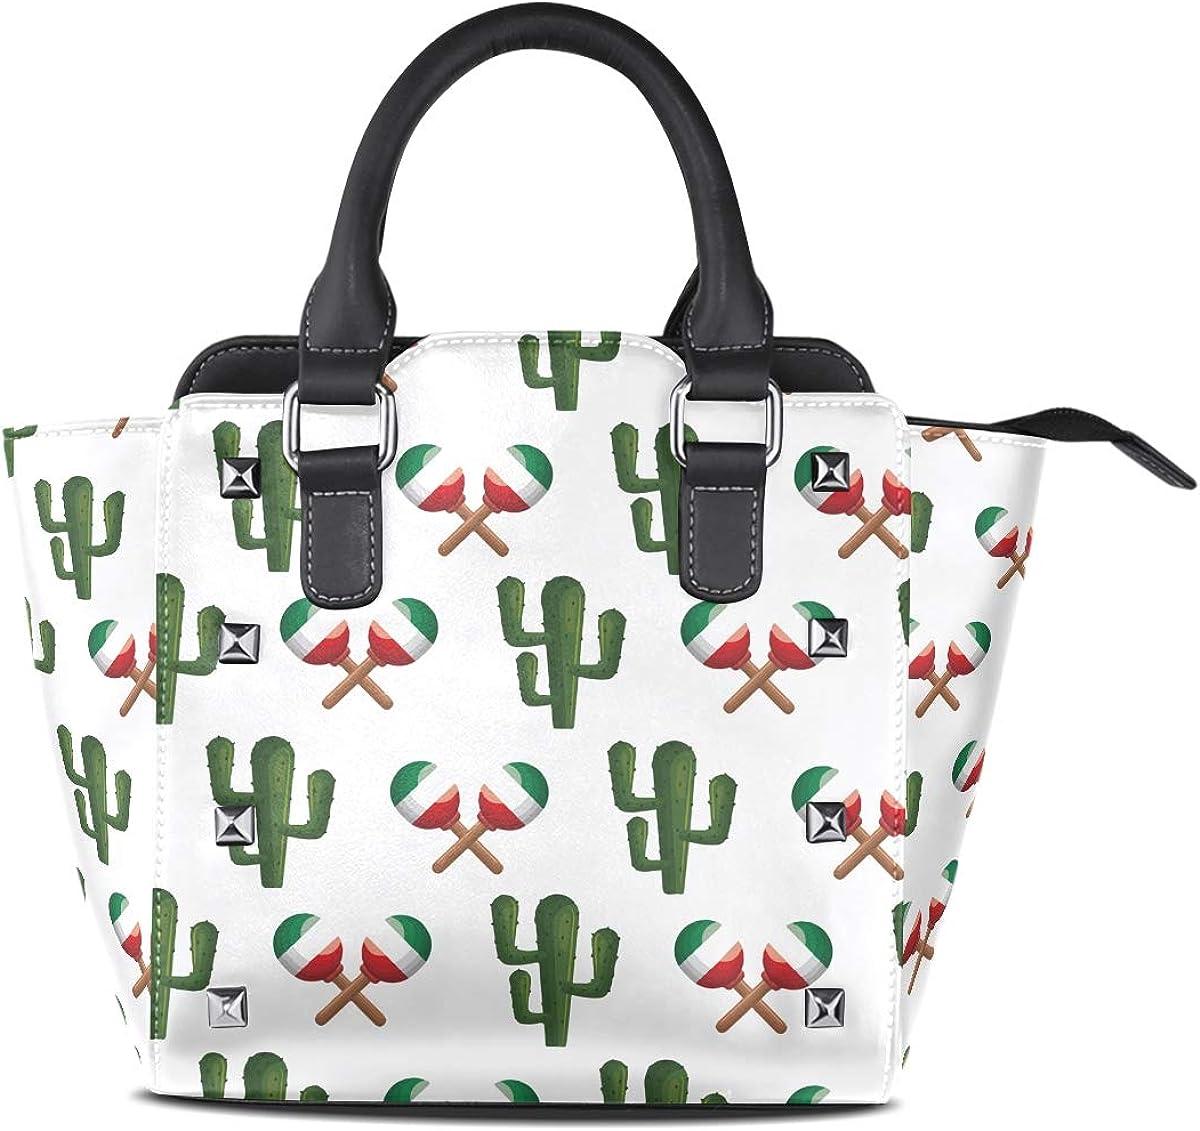 Cactus Lollipop Colorful Pattern Womens fashion Handbags Shoulder Bags Handle Satchel